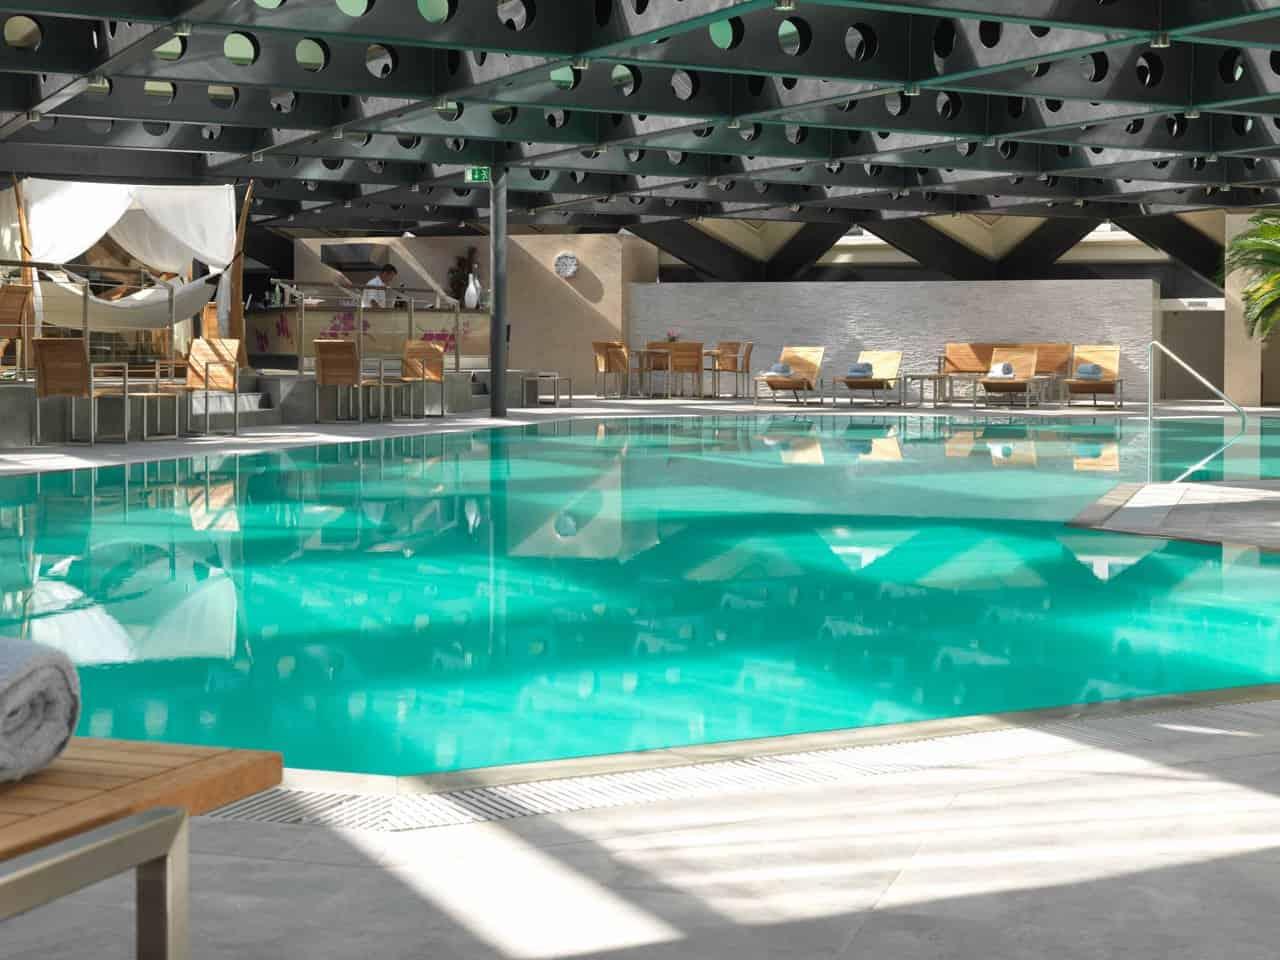 المسبح الداخلي في فندق جراند كمبنسكي جنيف